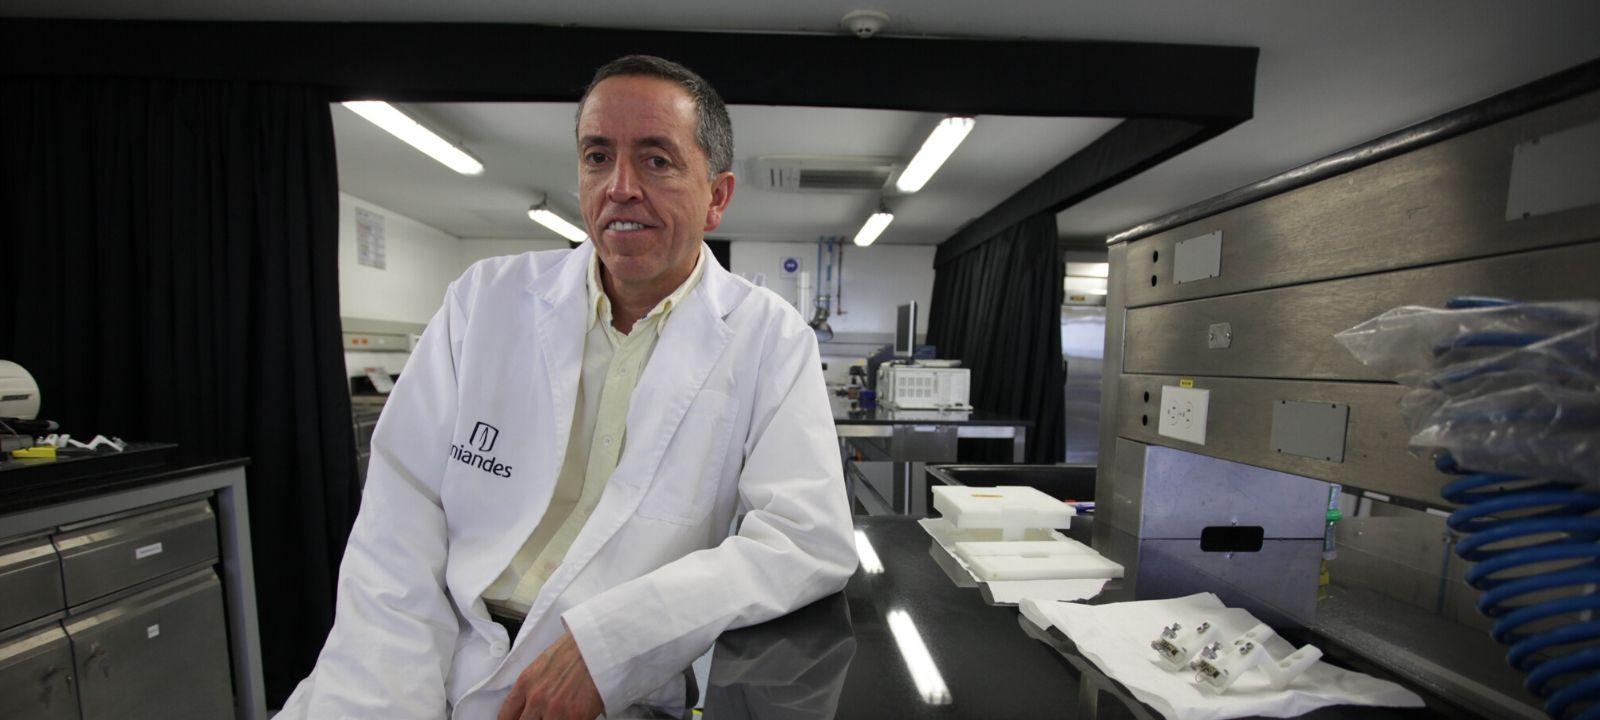 Juan Carlos Briceño, director de la Escuela de Posgrado e Investigación